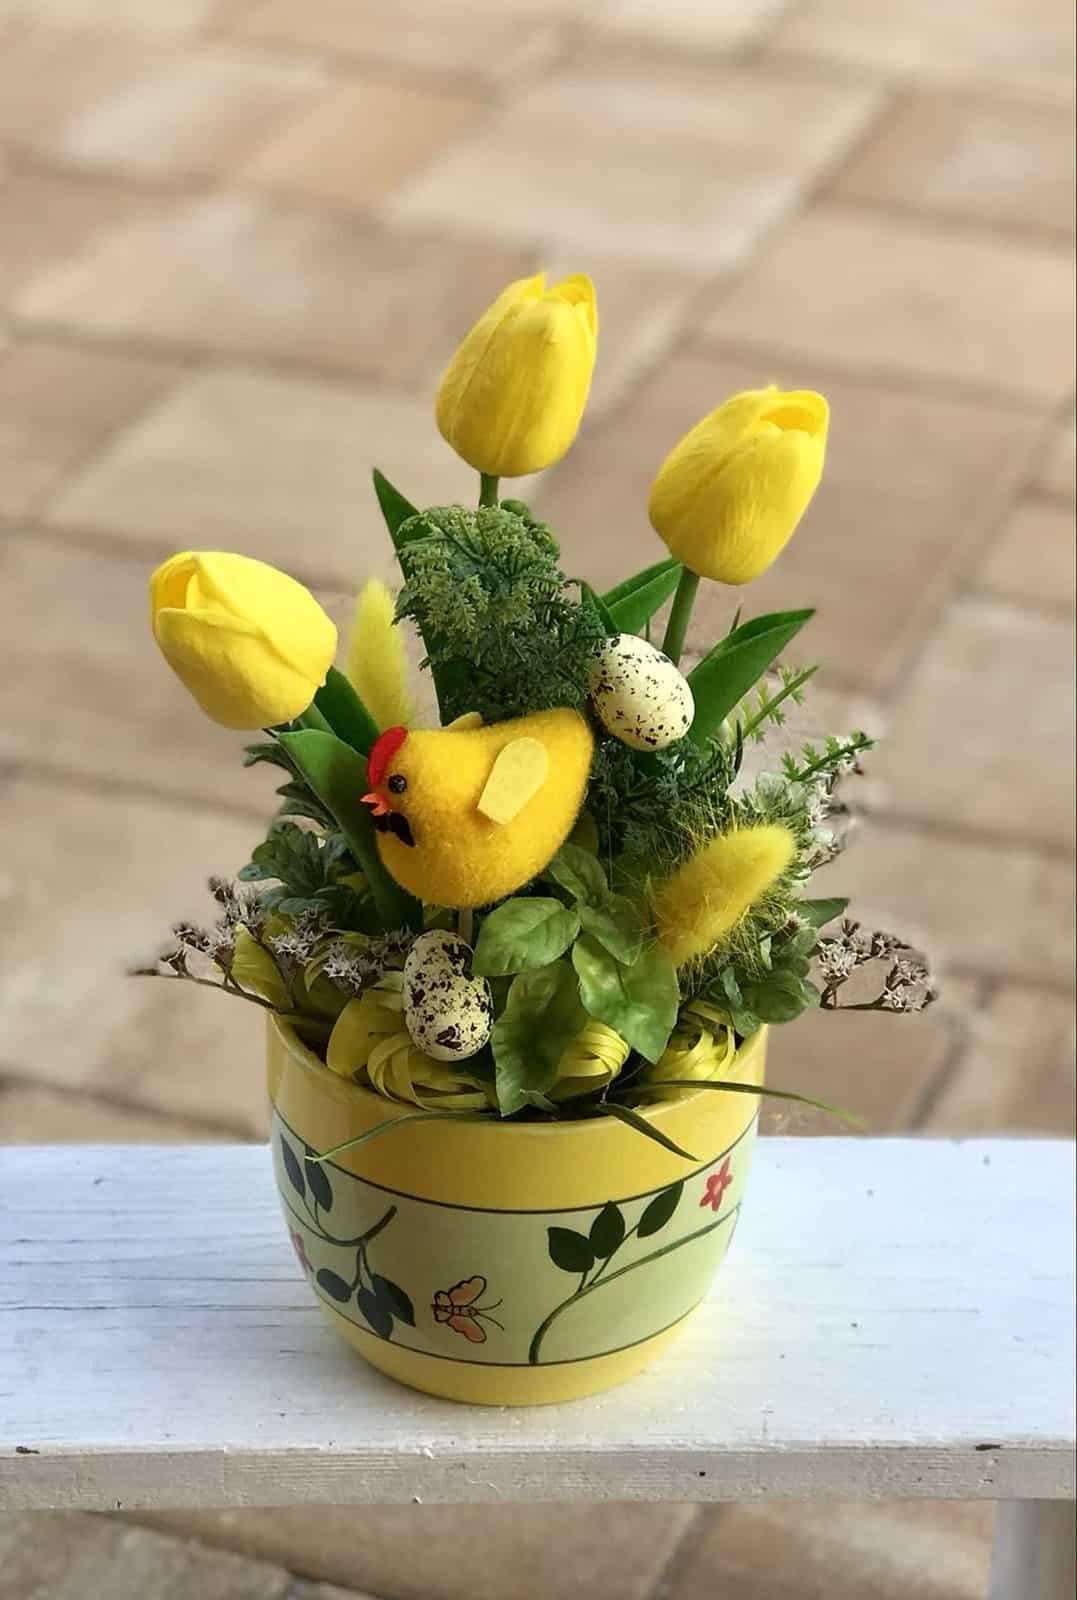 Žlutý květináč